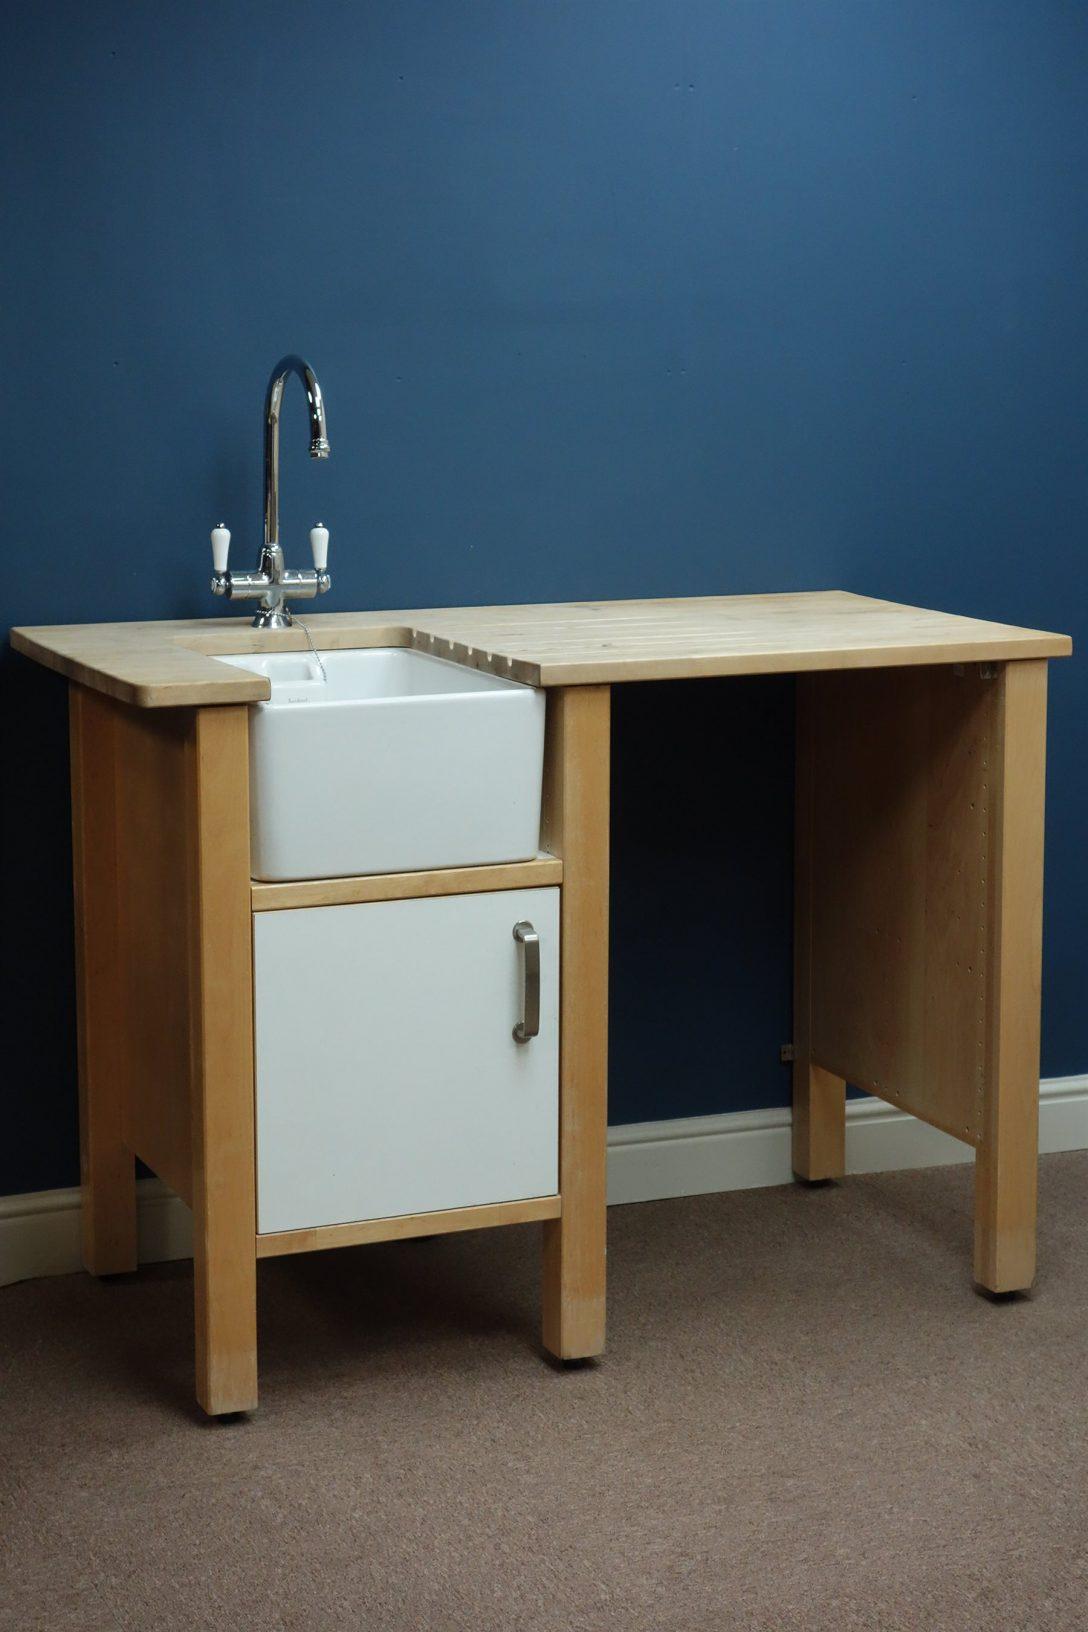 Large Size of Ikea Värde Varde Beech And White Finish Kitchen Sink Unit With Belfast Küche Kosten Sofa Mit Schlaffunktion Miniküche Modulküche Betten 160x200 Bei Kaufen Wohnzimmer Ikea Värde